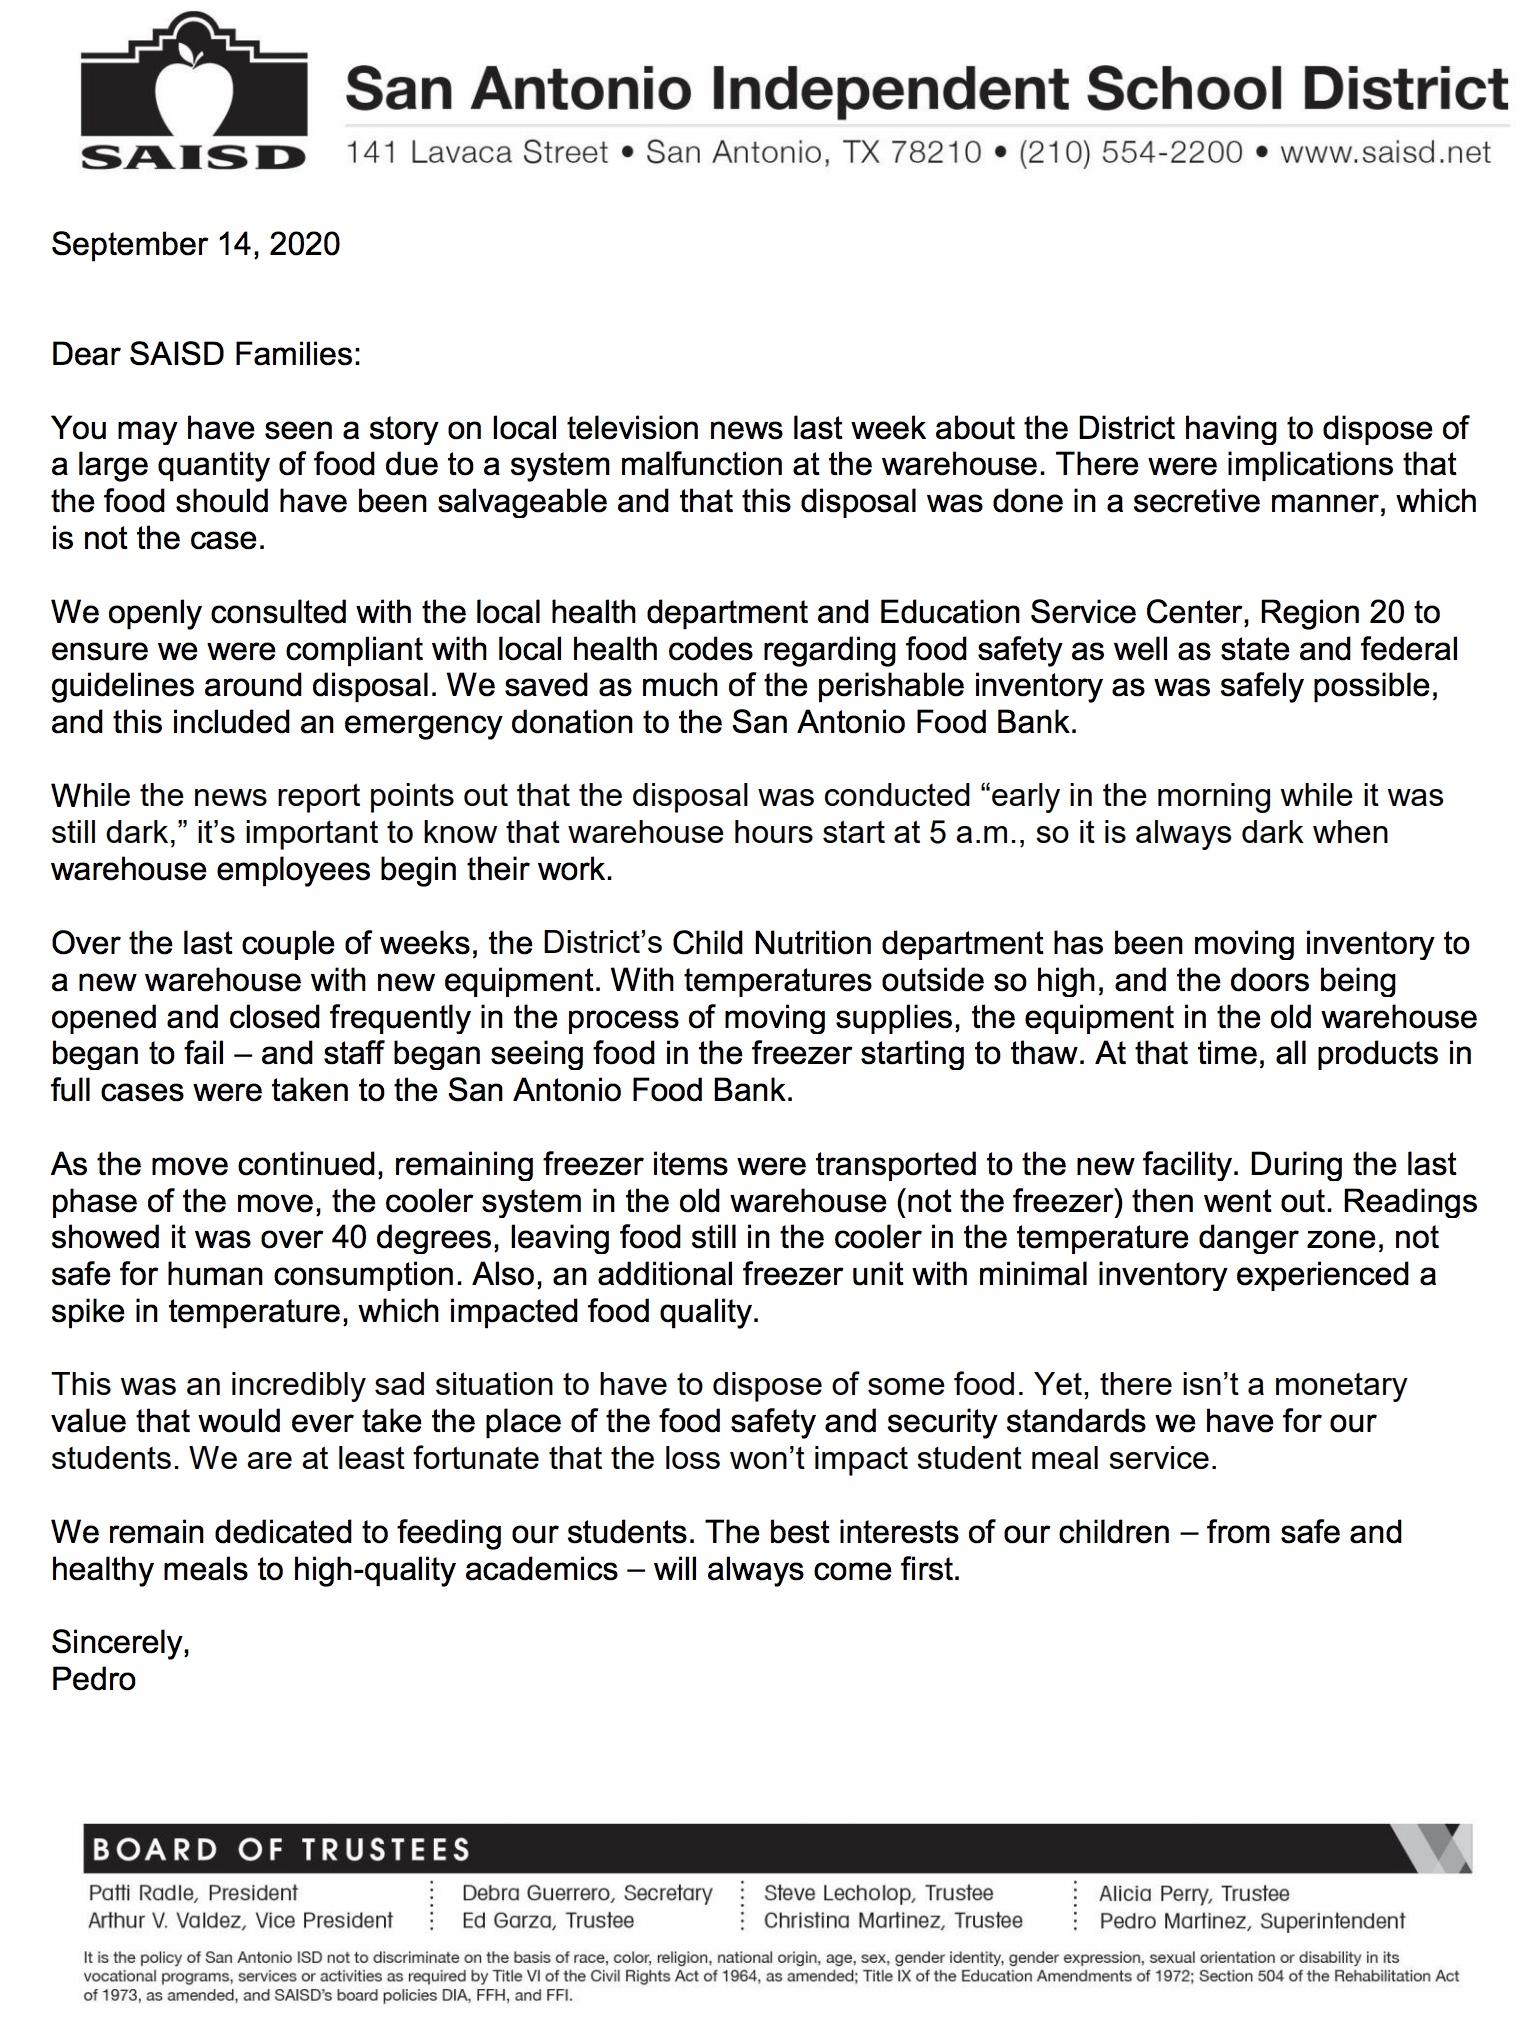 parent letter 9.14.2020 ENG